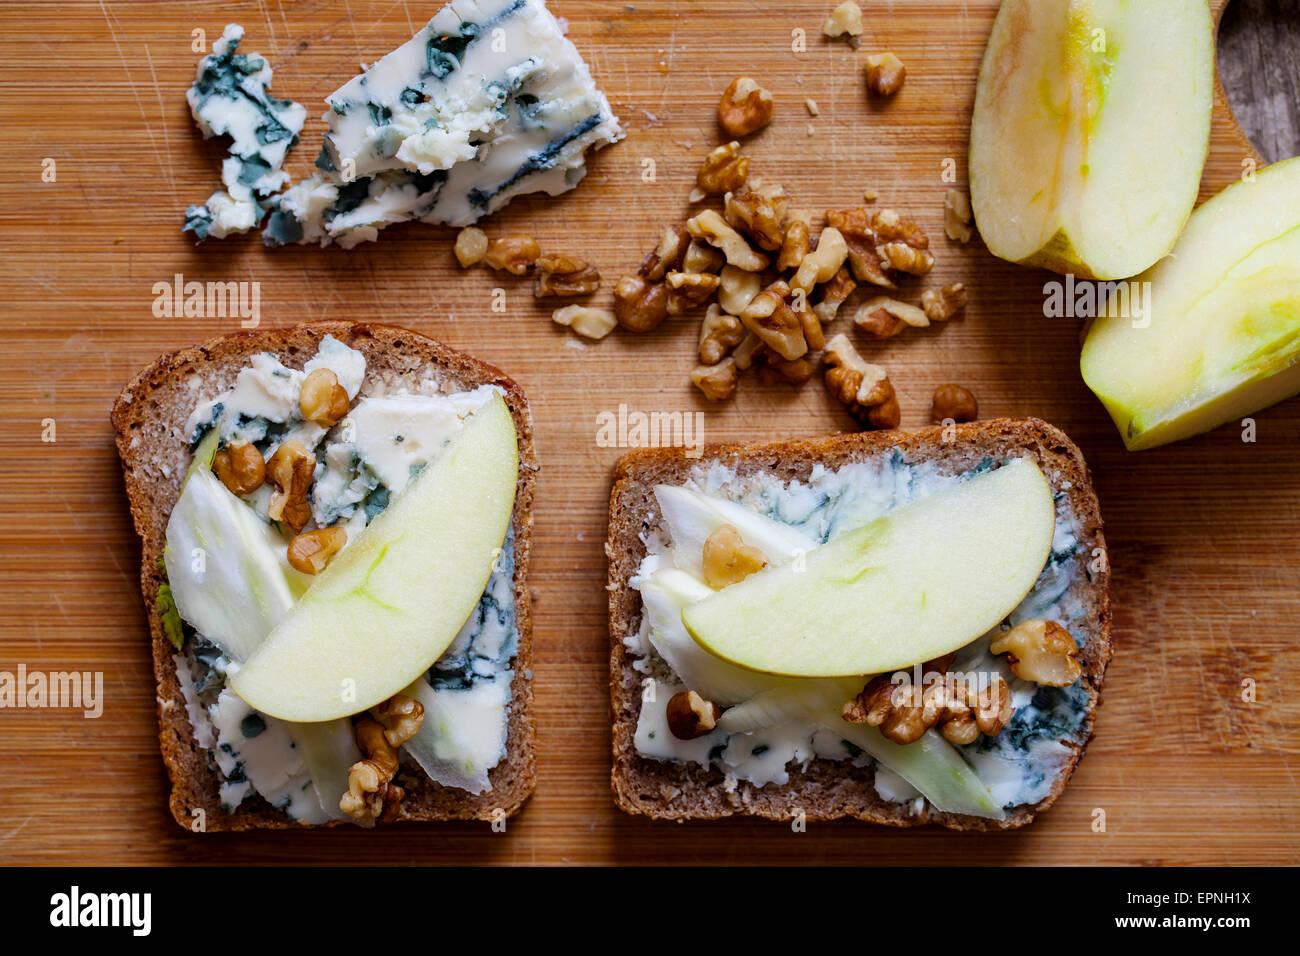 Pan de centeno con queso azul, manzana y nuez Imagen De Stock